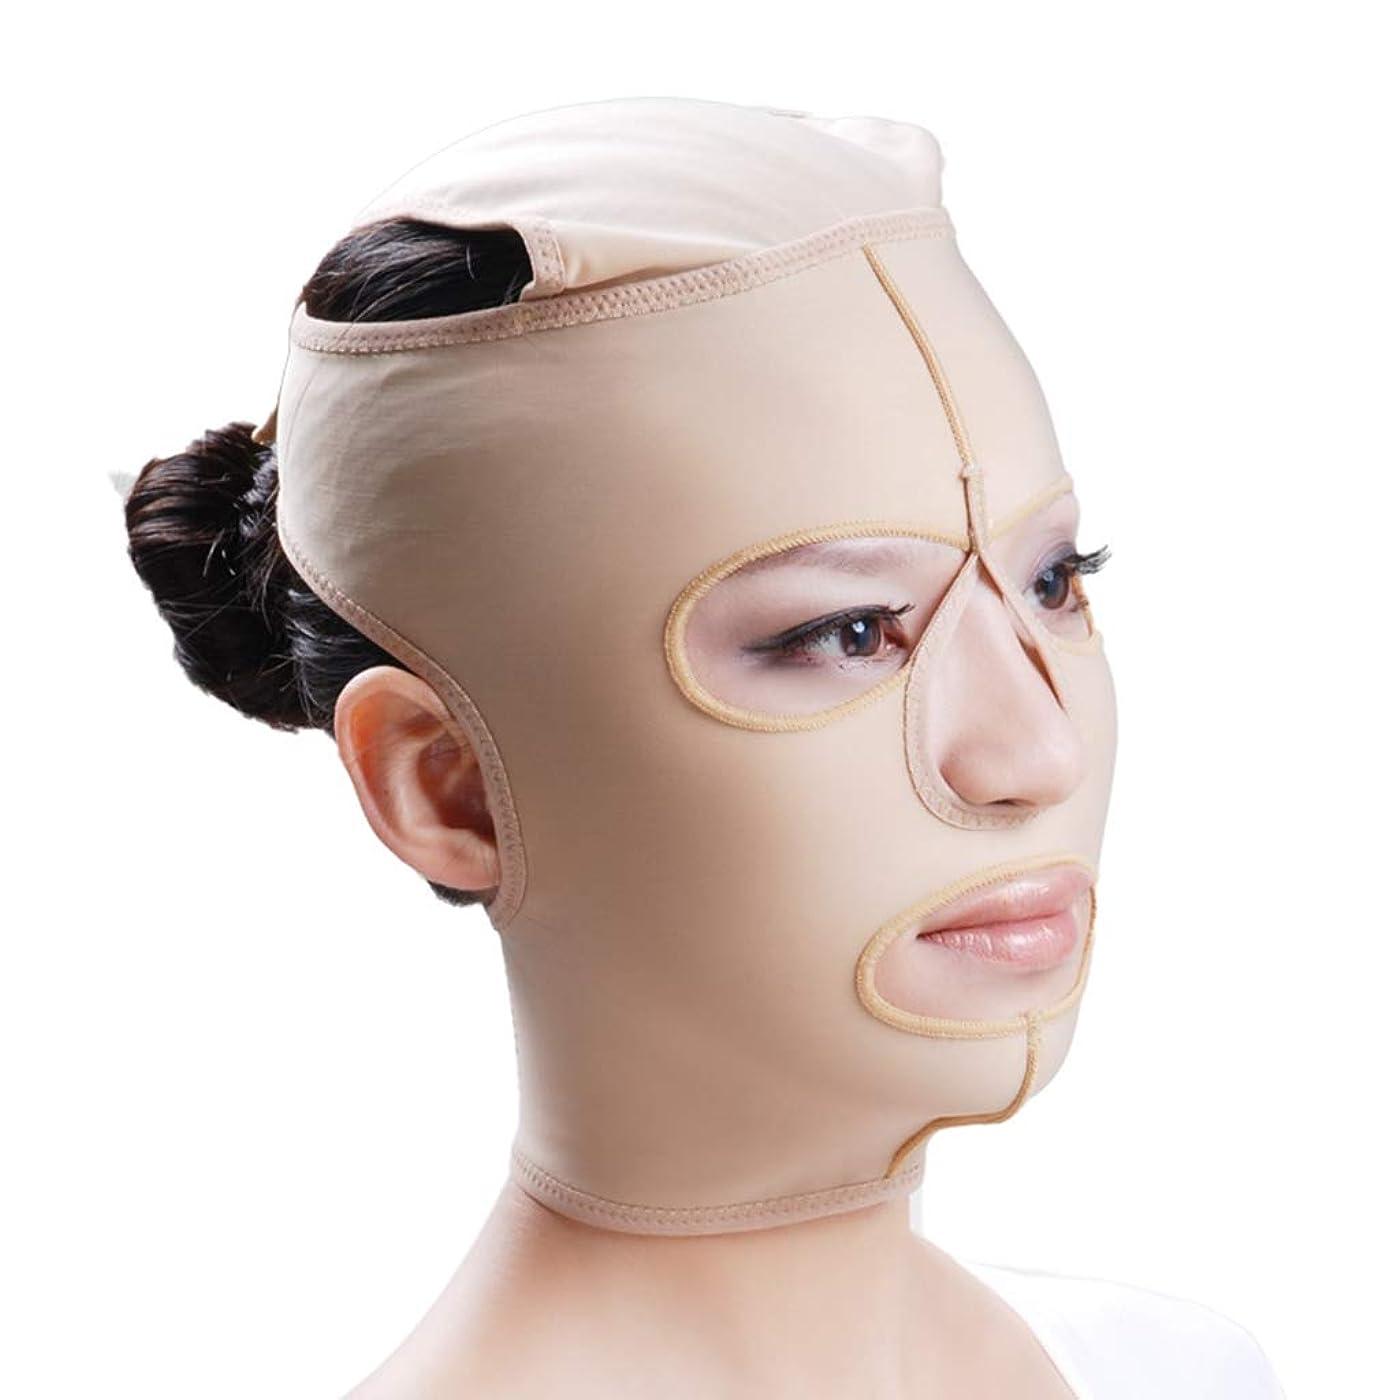 照らすセマフォ動機付けるXHLMRMJ フェイスリフトマスク、フルフェイスマスク医療グレード圧力フェイスダブルチンプラスチック脂肪吸引術弾性包帯ヘッドギア後の顔の脂肪吸引術 (Size : M)